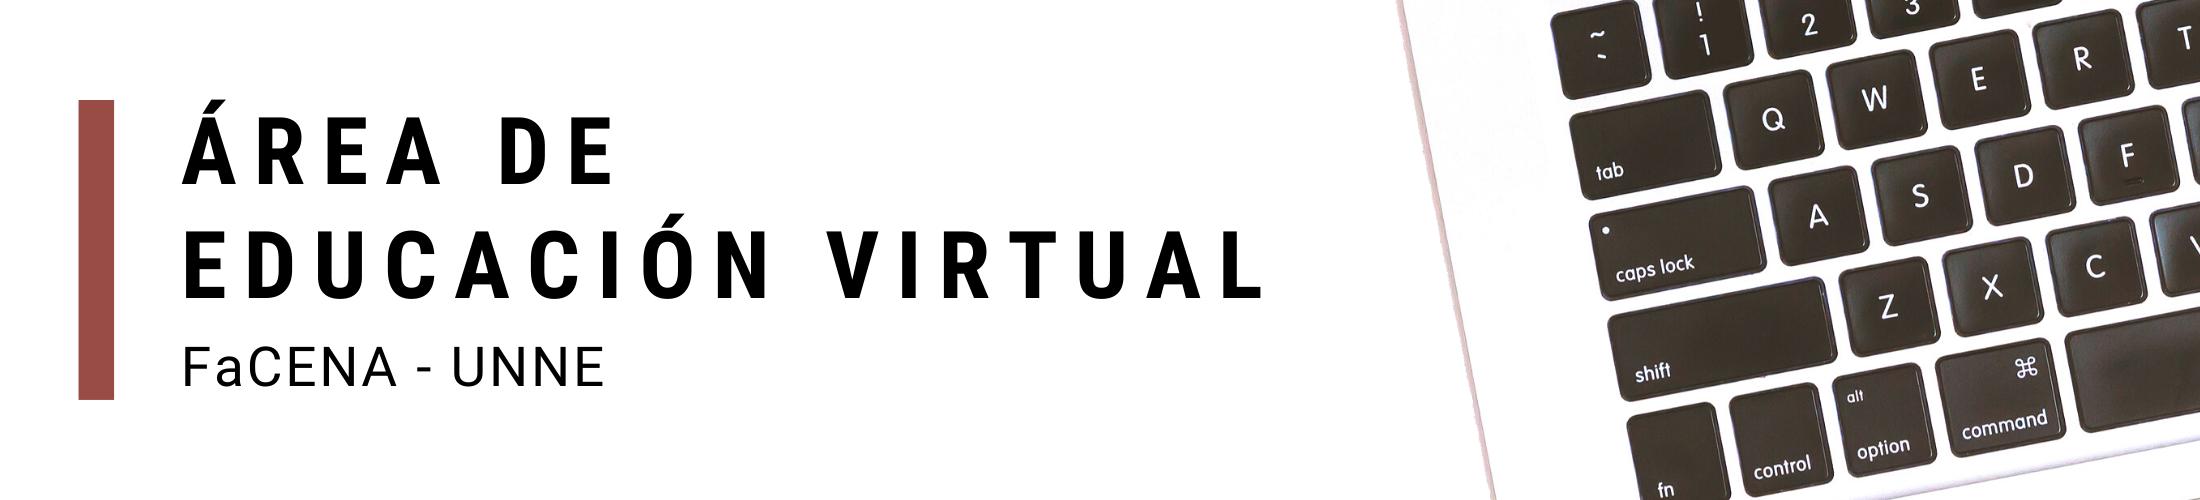 Área de Educación Virtual